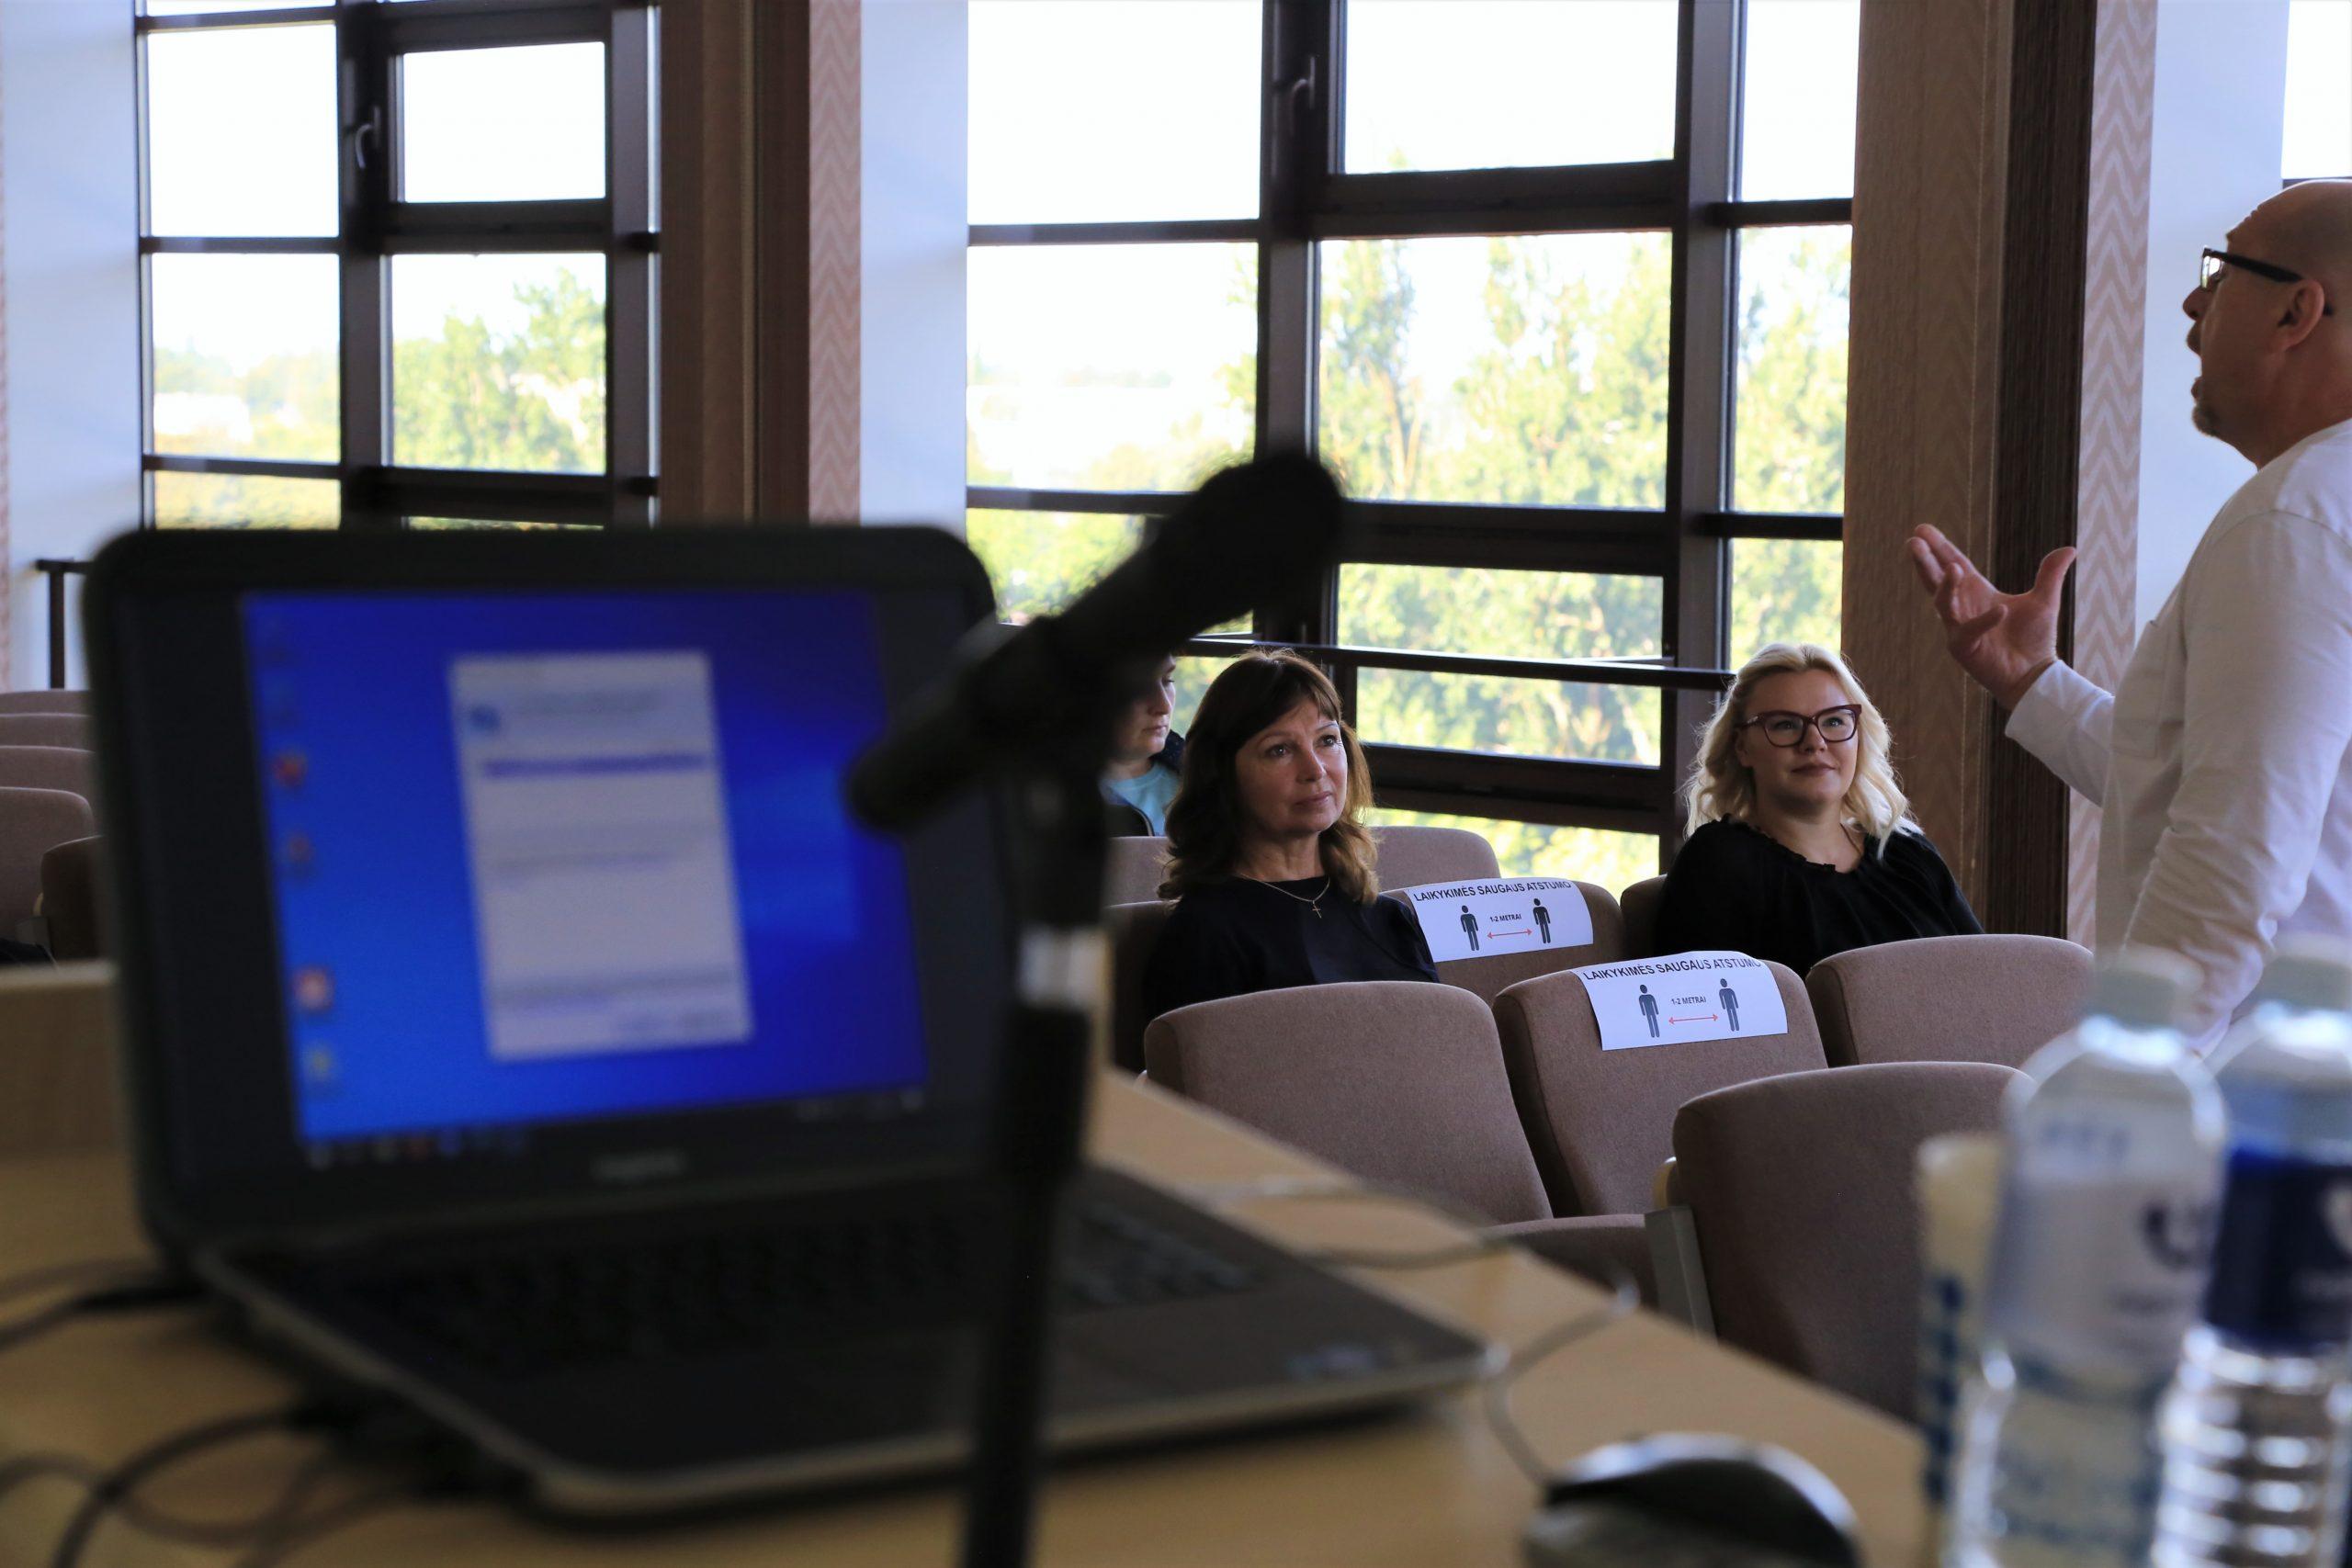 2020-09-10 Tauragės kultūros rūmuose – vadovų ir darbuotojų kvalifikacijos tobulinimo kursai